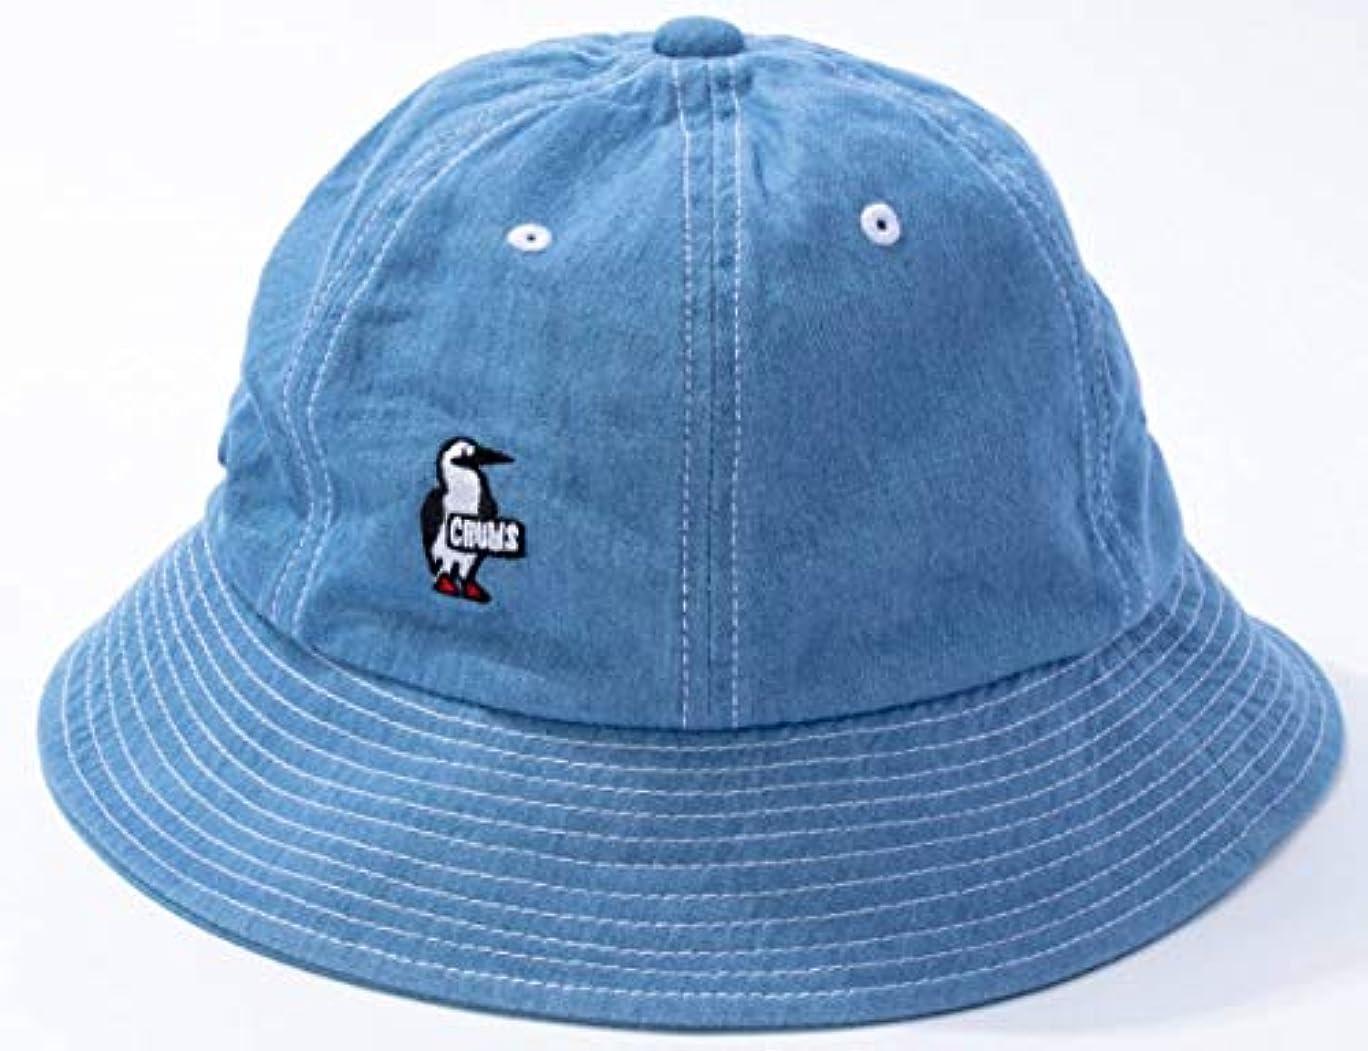 コンベンション消化歴史家[チャムス] Denim Pilot Hat デニムパイロット ハット CH05-1170 帽子 ハット メンズ レディース アウトドア